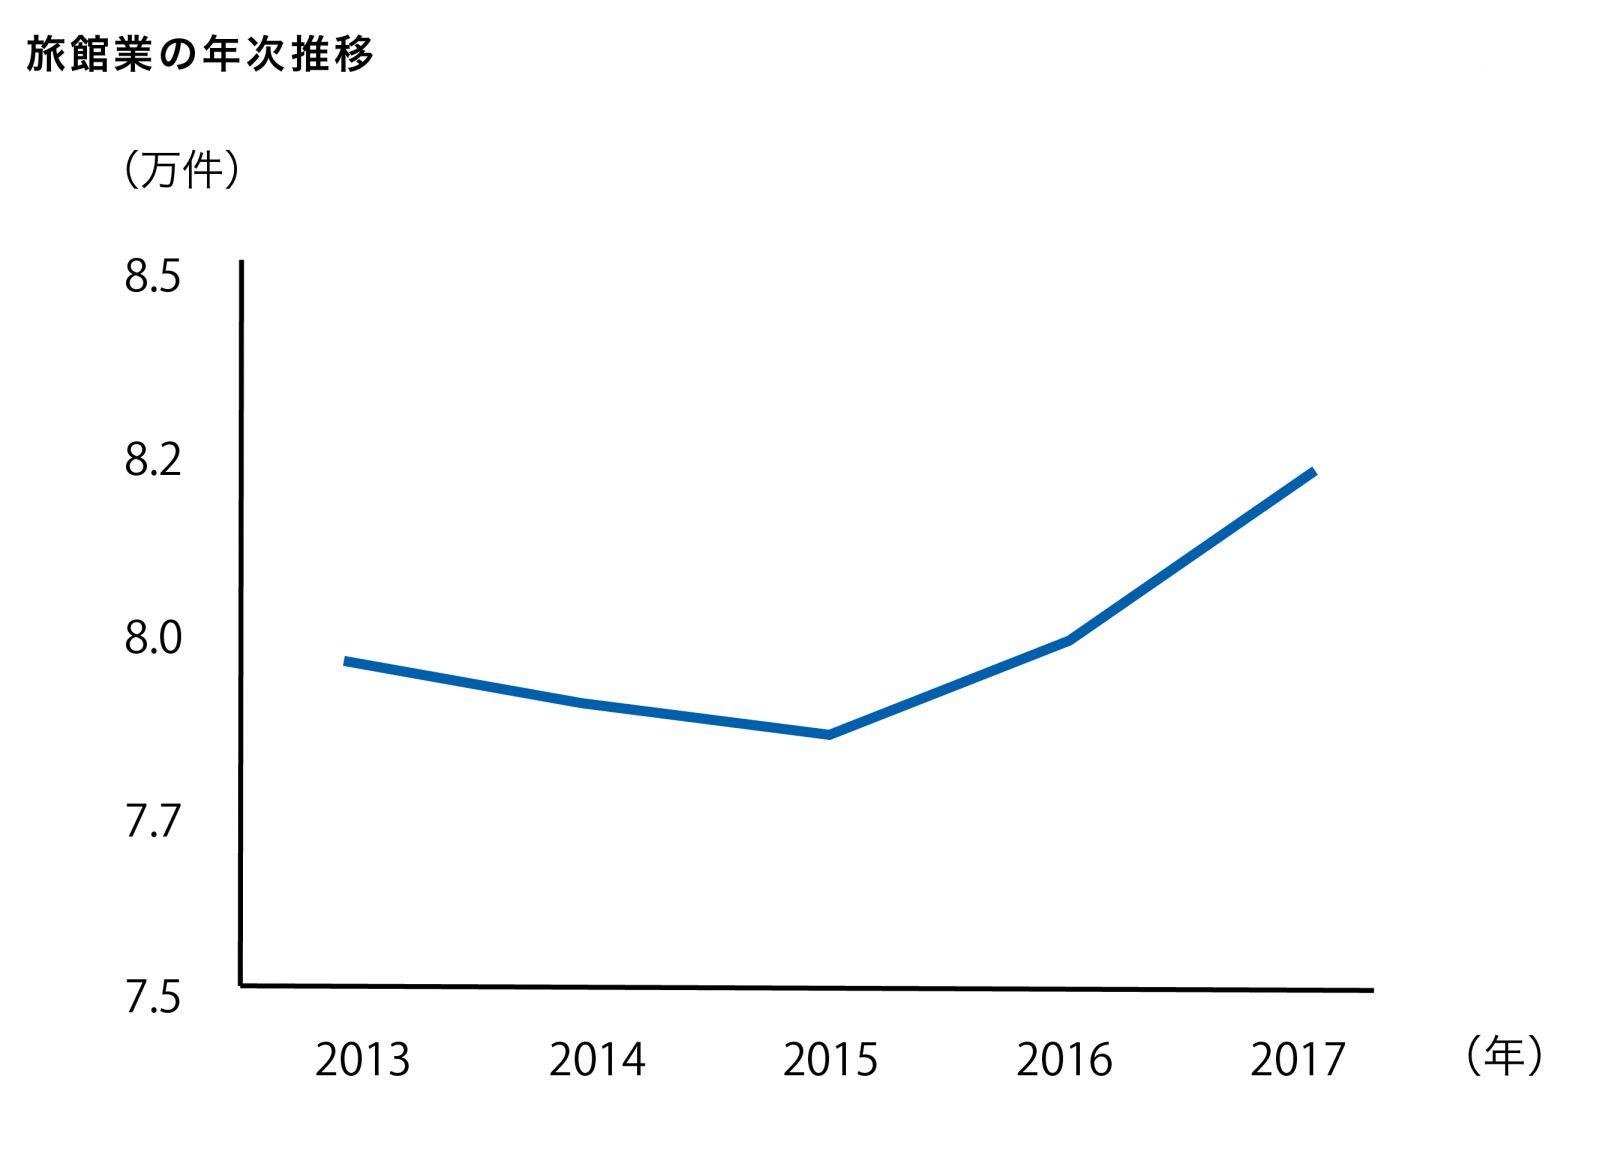 旅館業の年次推移。2013年から2015年まで約8万件以下に減少、2015年から2017年にかけて約8万件以上に上昇